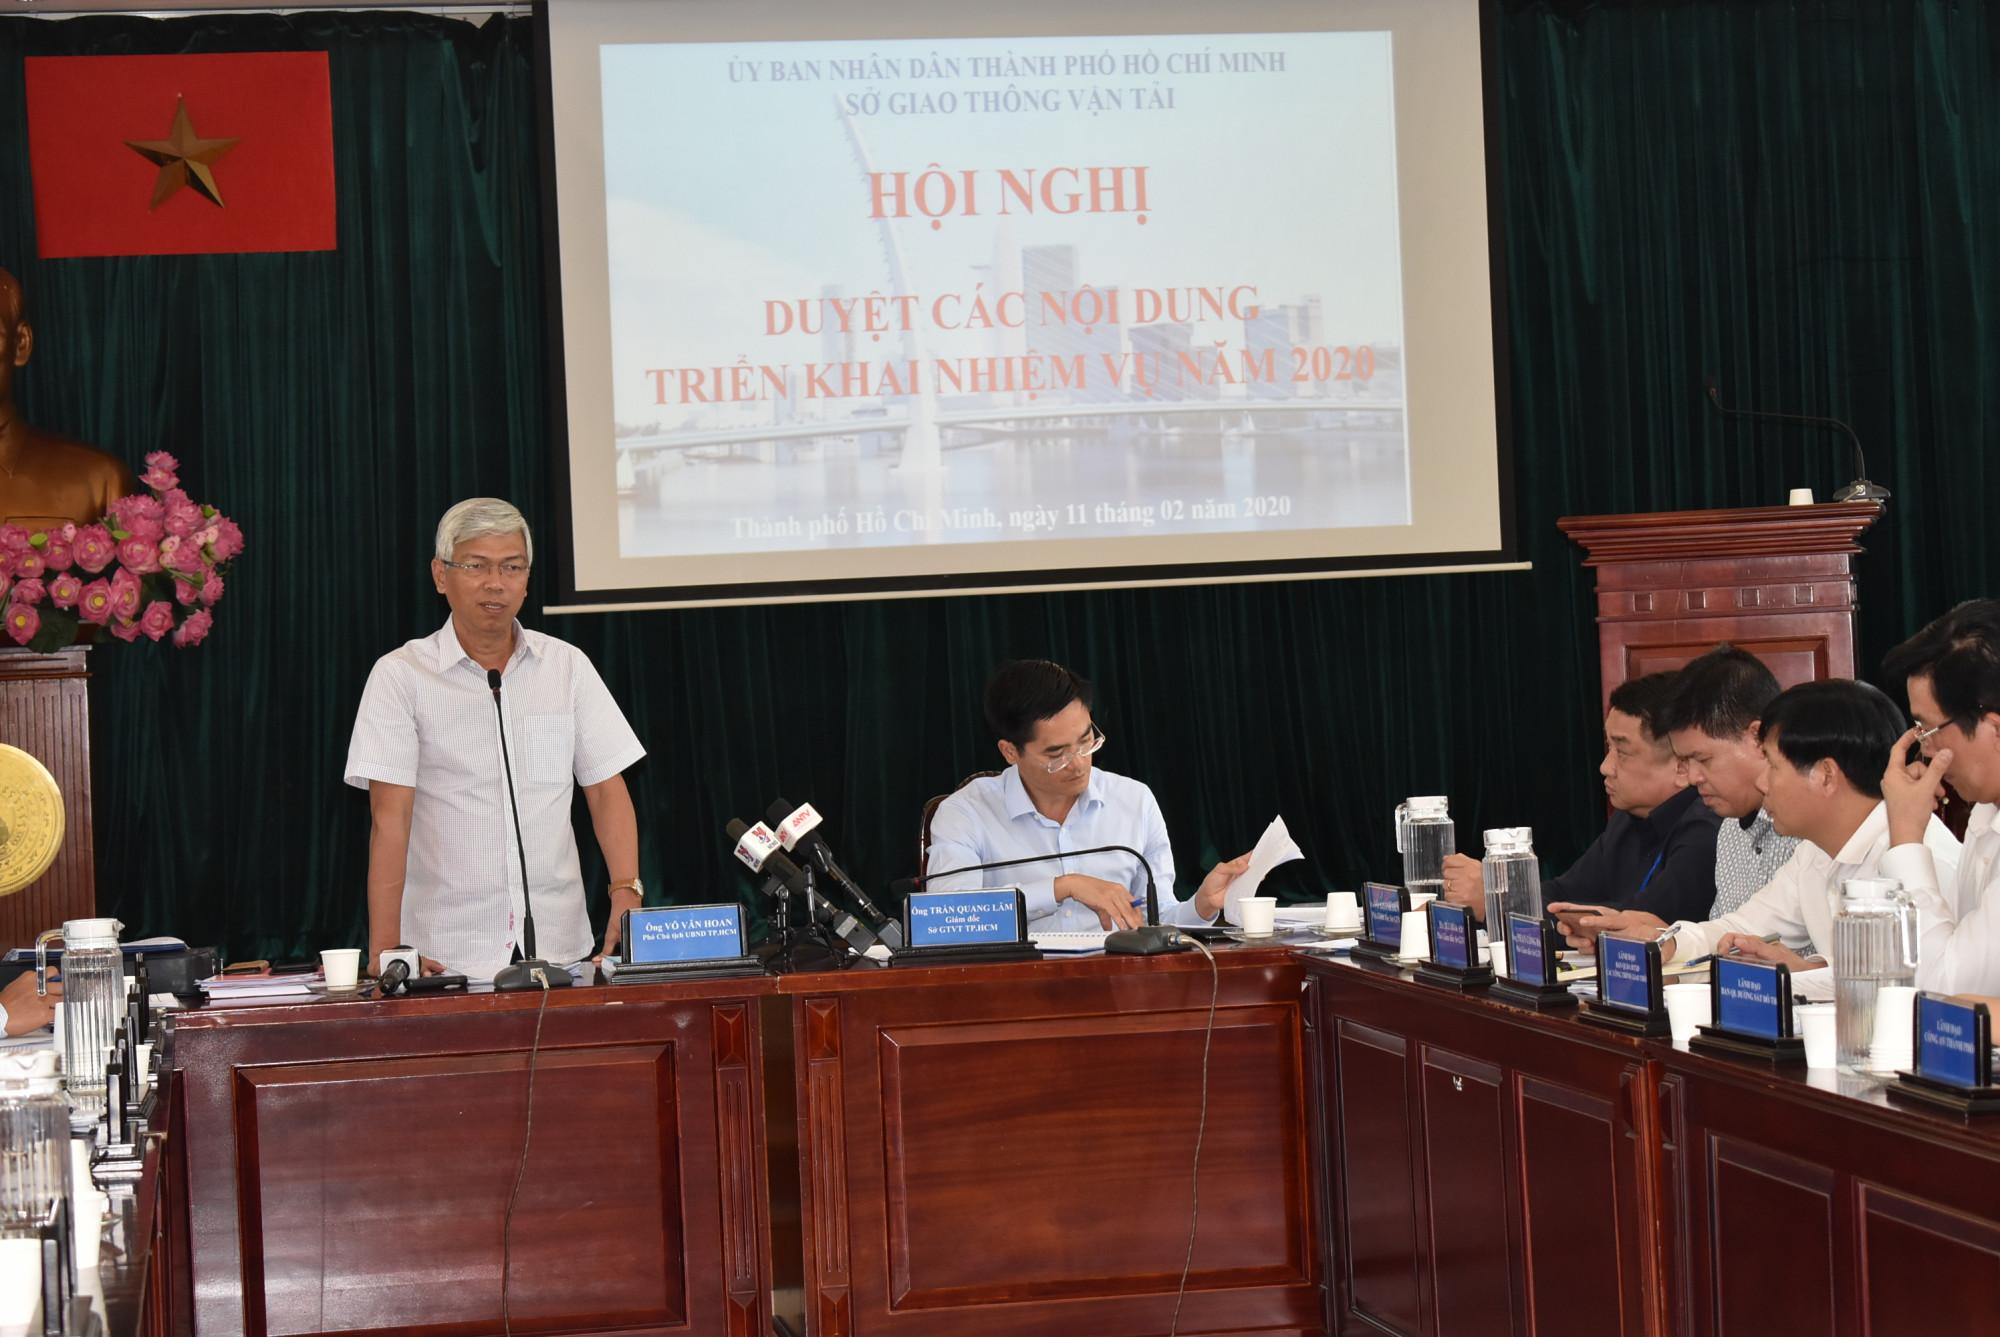 Ông Võ Văn Hoan khẳng định, TPHCM cần phát triển giao thông đêm song song với kinh tế đêm